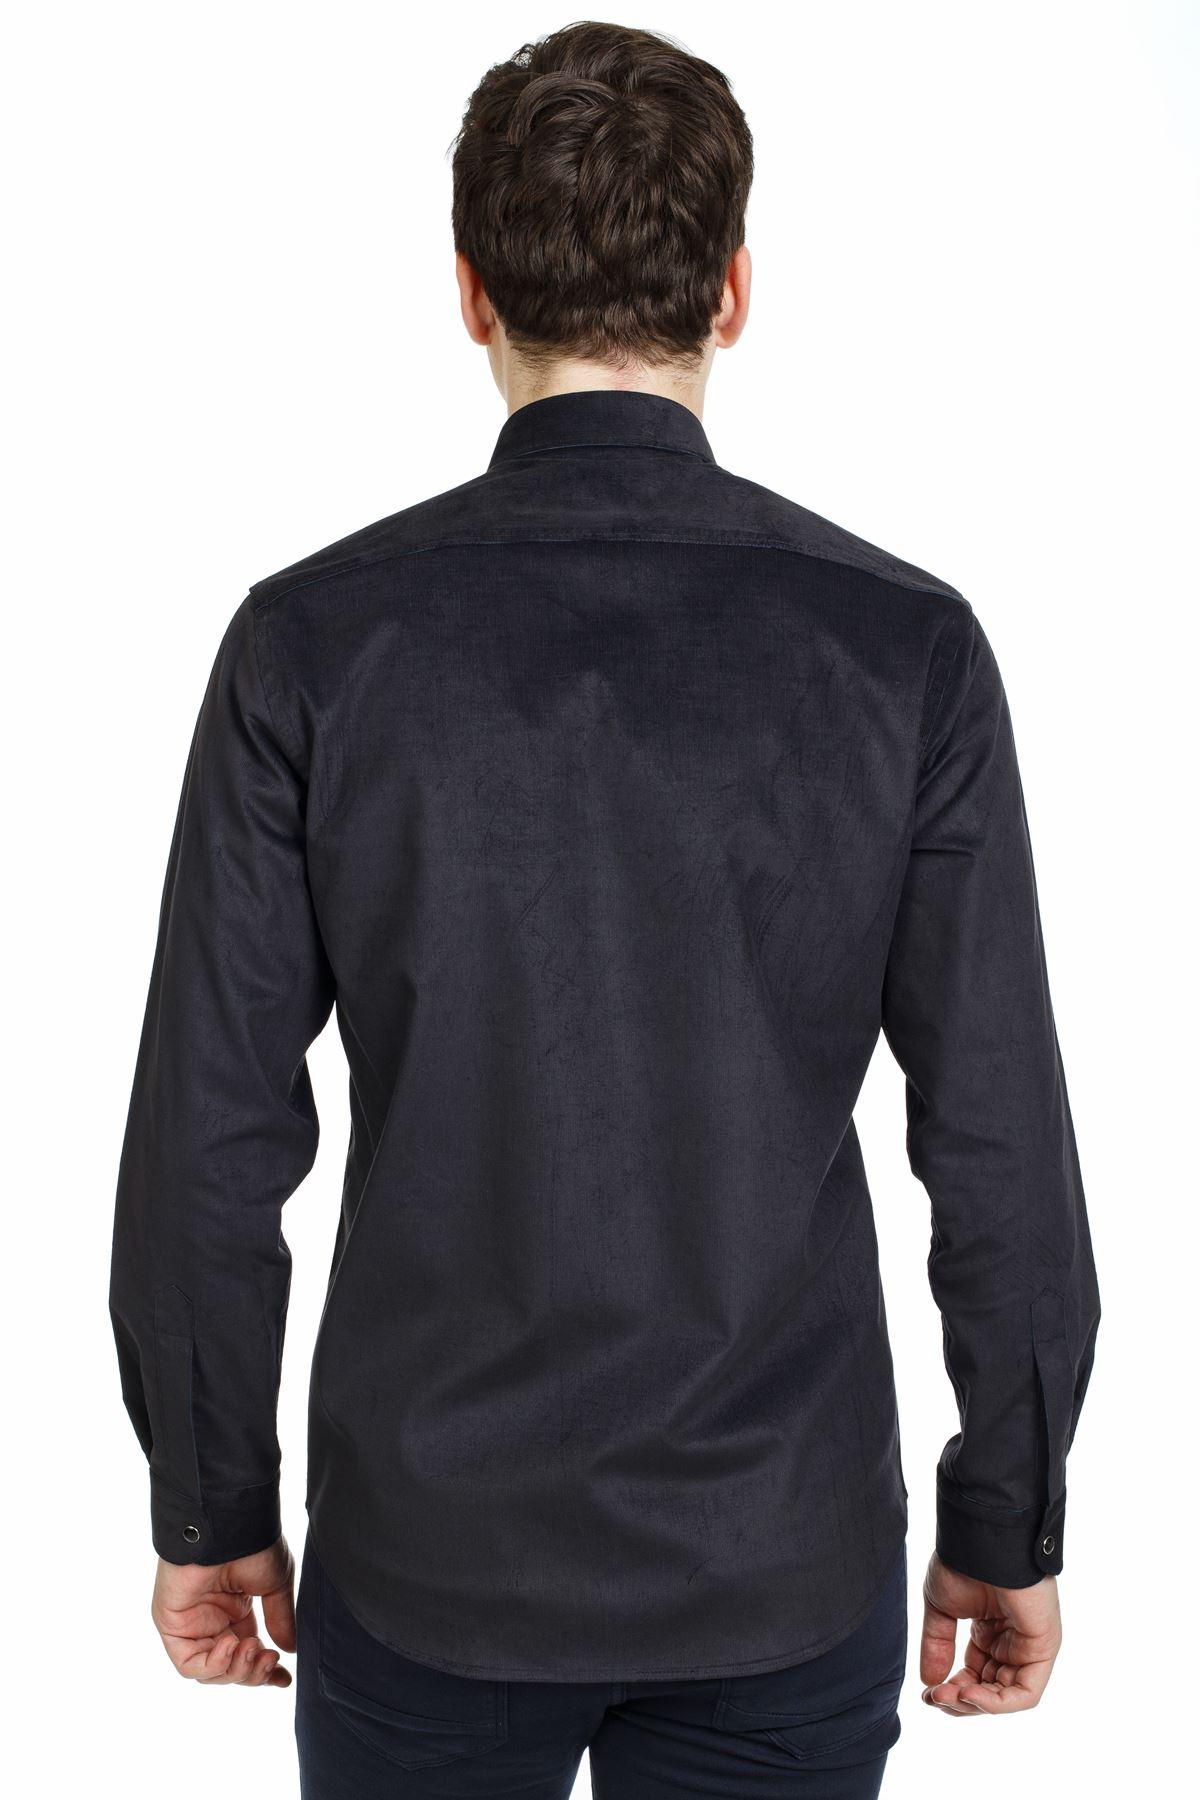 Füme Renk Çıt Çıtlı Regular Kalıp Spor Gömlek